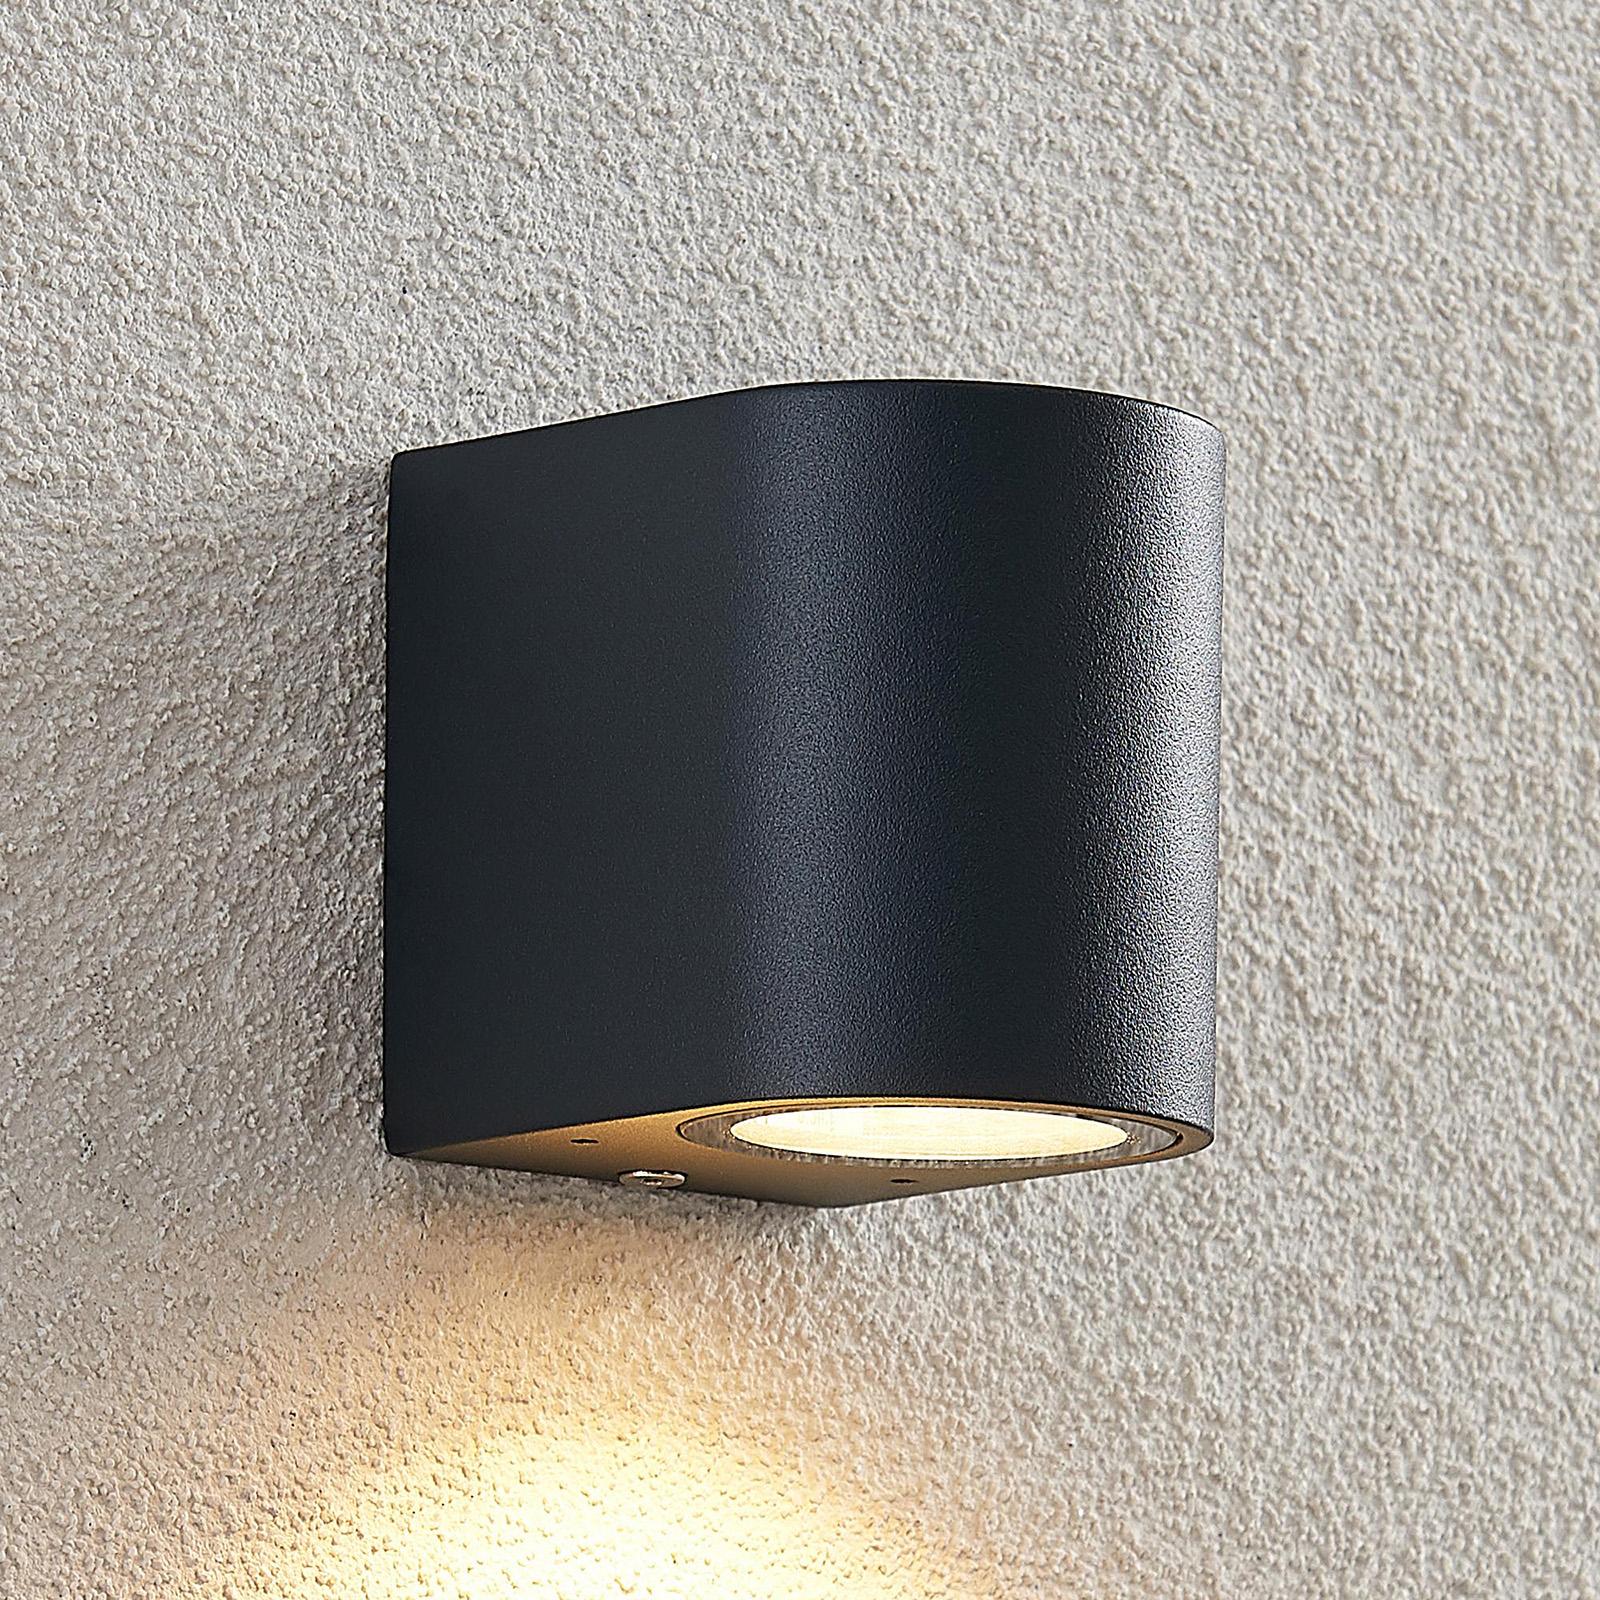 ELC Fijona kinkiet zewnętrzny LED, okrągły, 8,1 cm